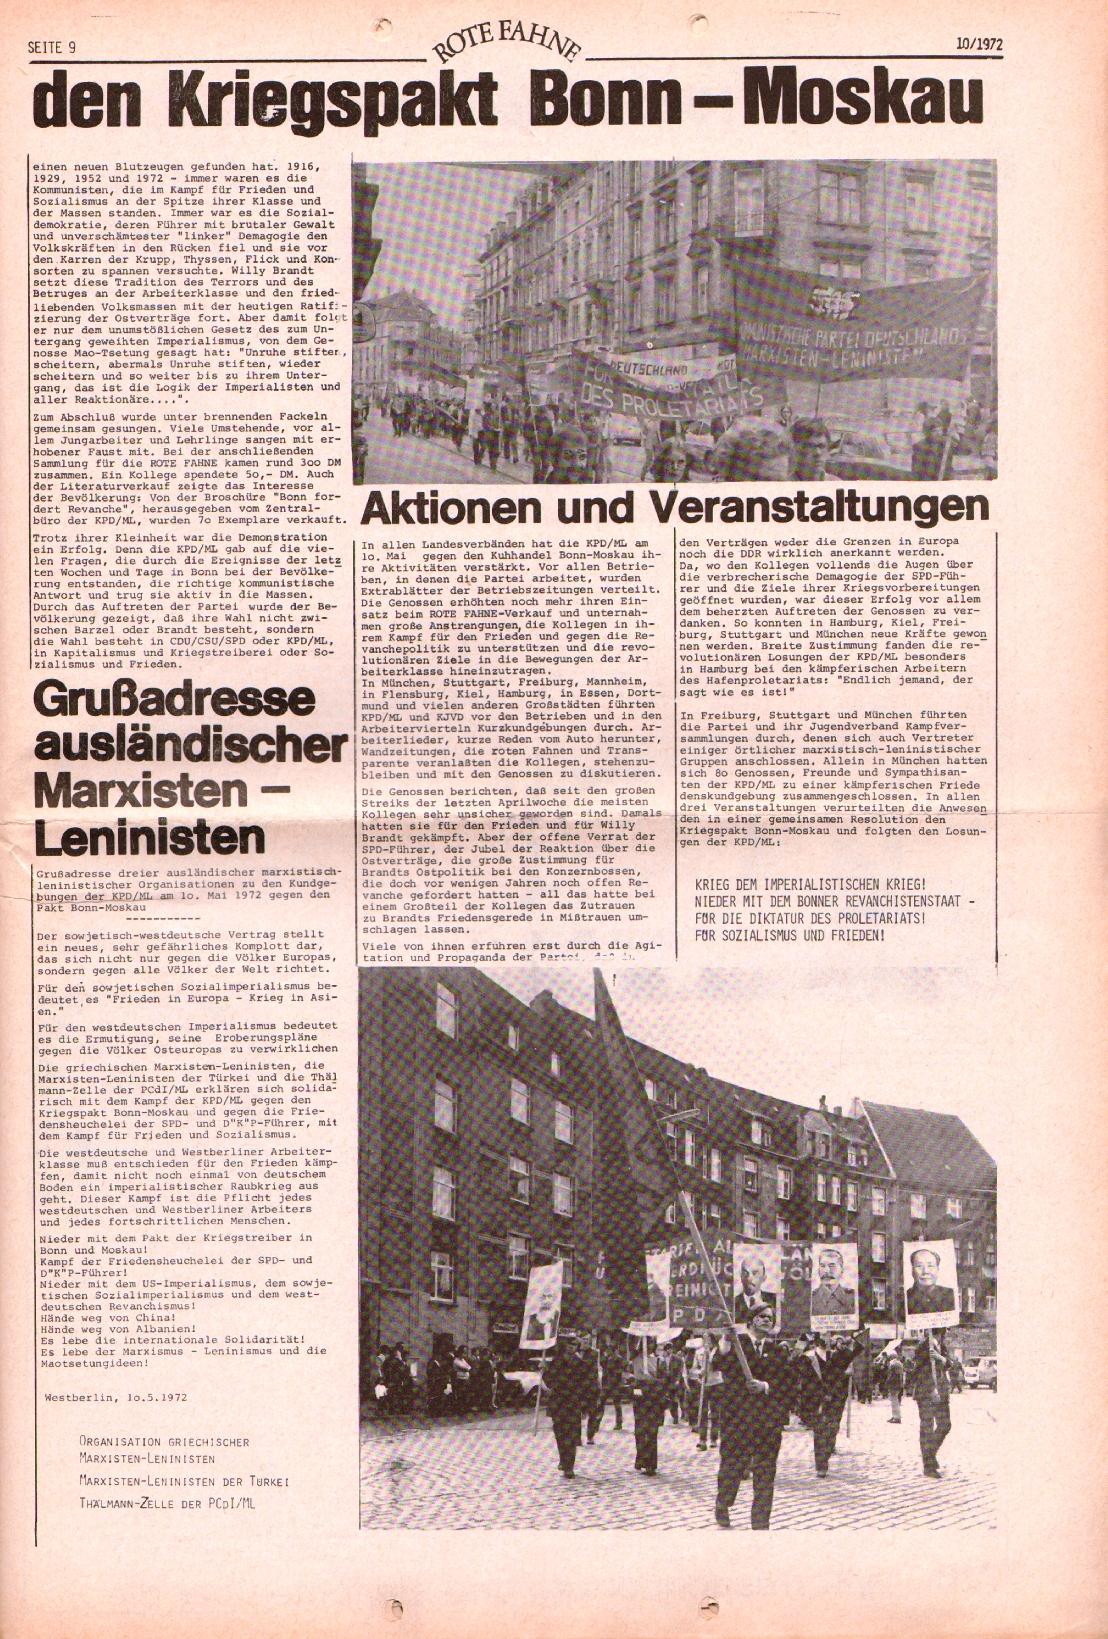 Rote Fahne, 3. Jg., 15.5.1972, Nr. 10, Seite 9